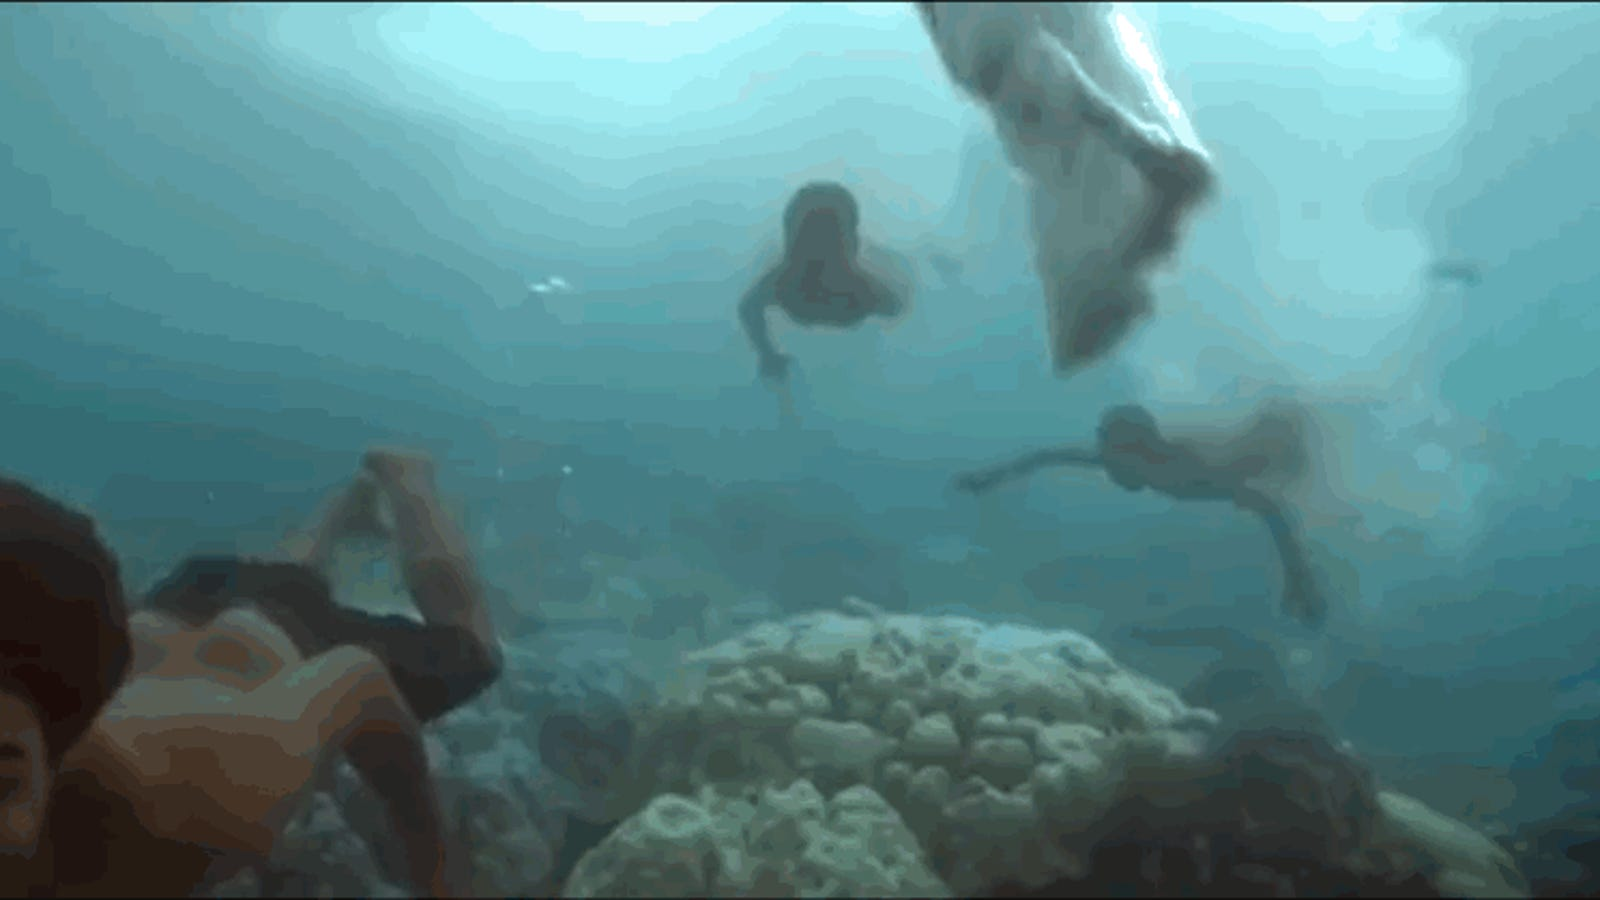 La extraordinaria historia de los Moken, la tribu que podía ver bajo el agua como los delfines